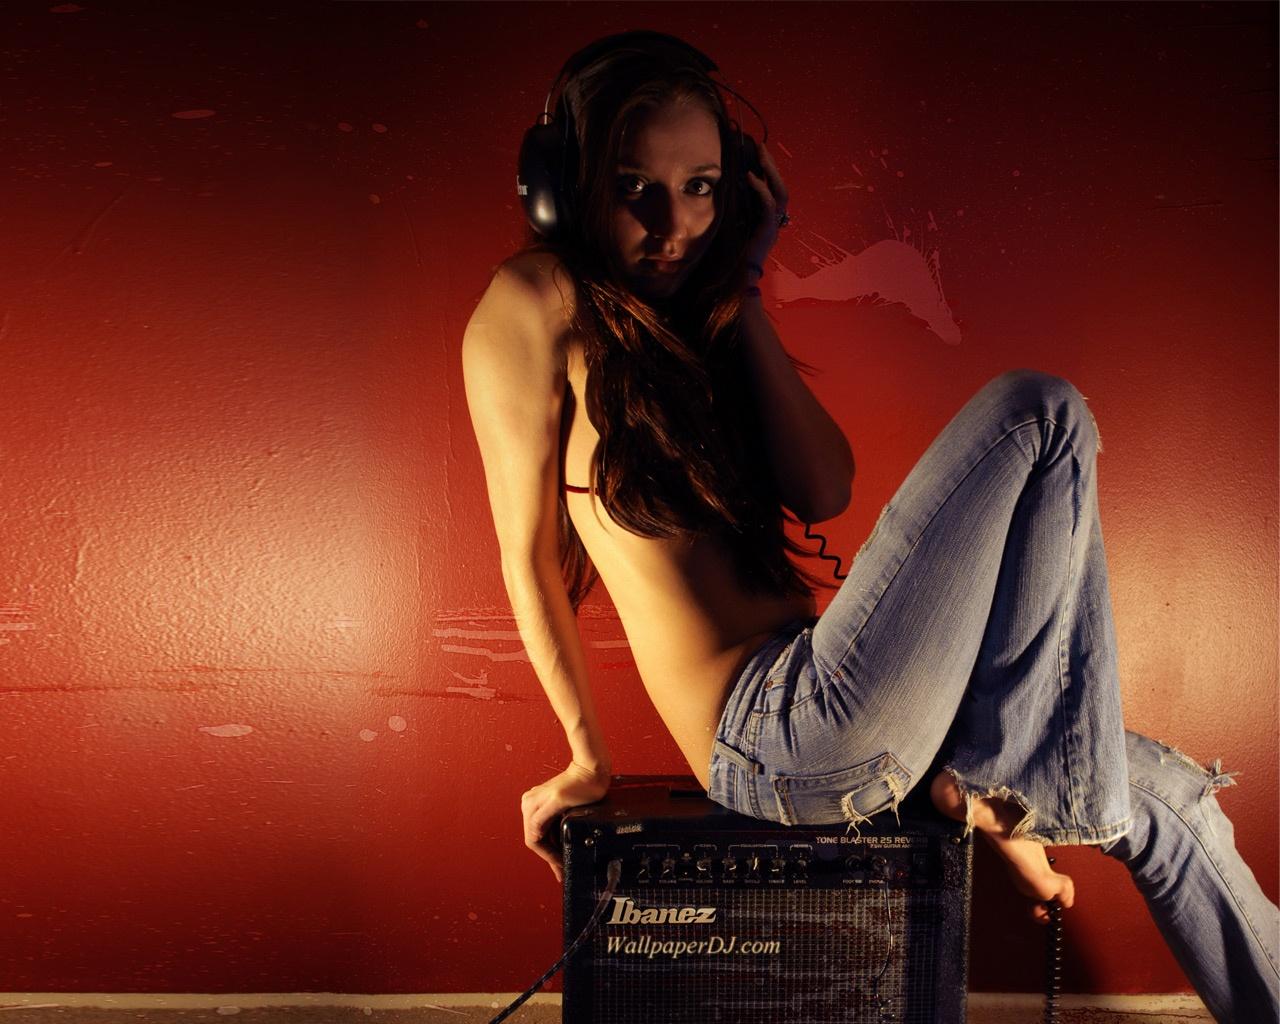 http://1.bp.blogspot.com/-2U1cxlEqcwA/TkyuCl5aWDI/AAAAAAAAAhE/A-1xIoKyRYA/s1600/stereo_feelings-1280x1024.jpg